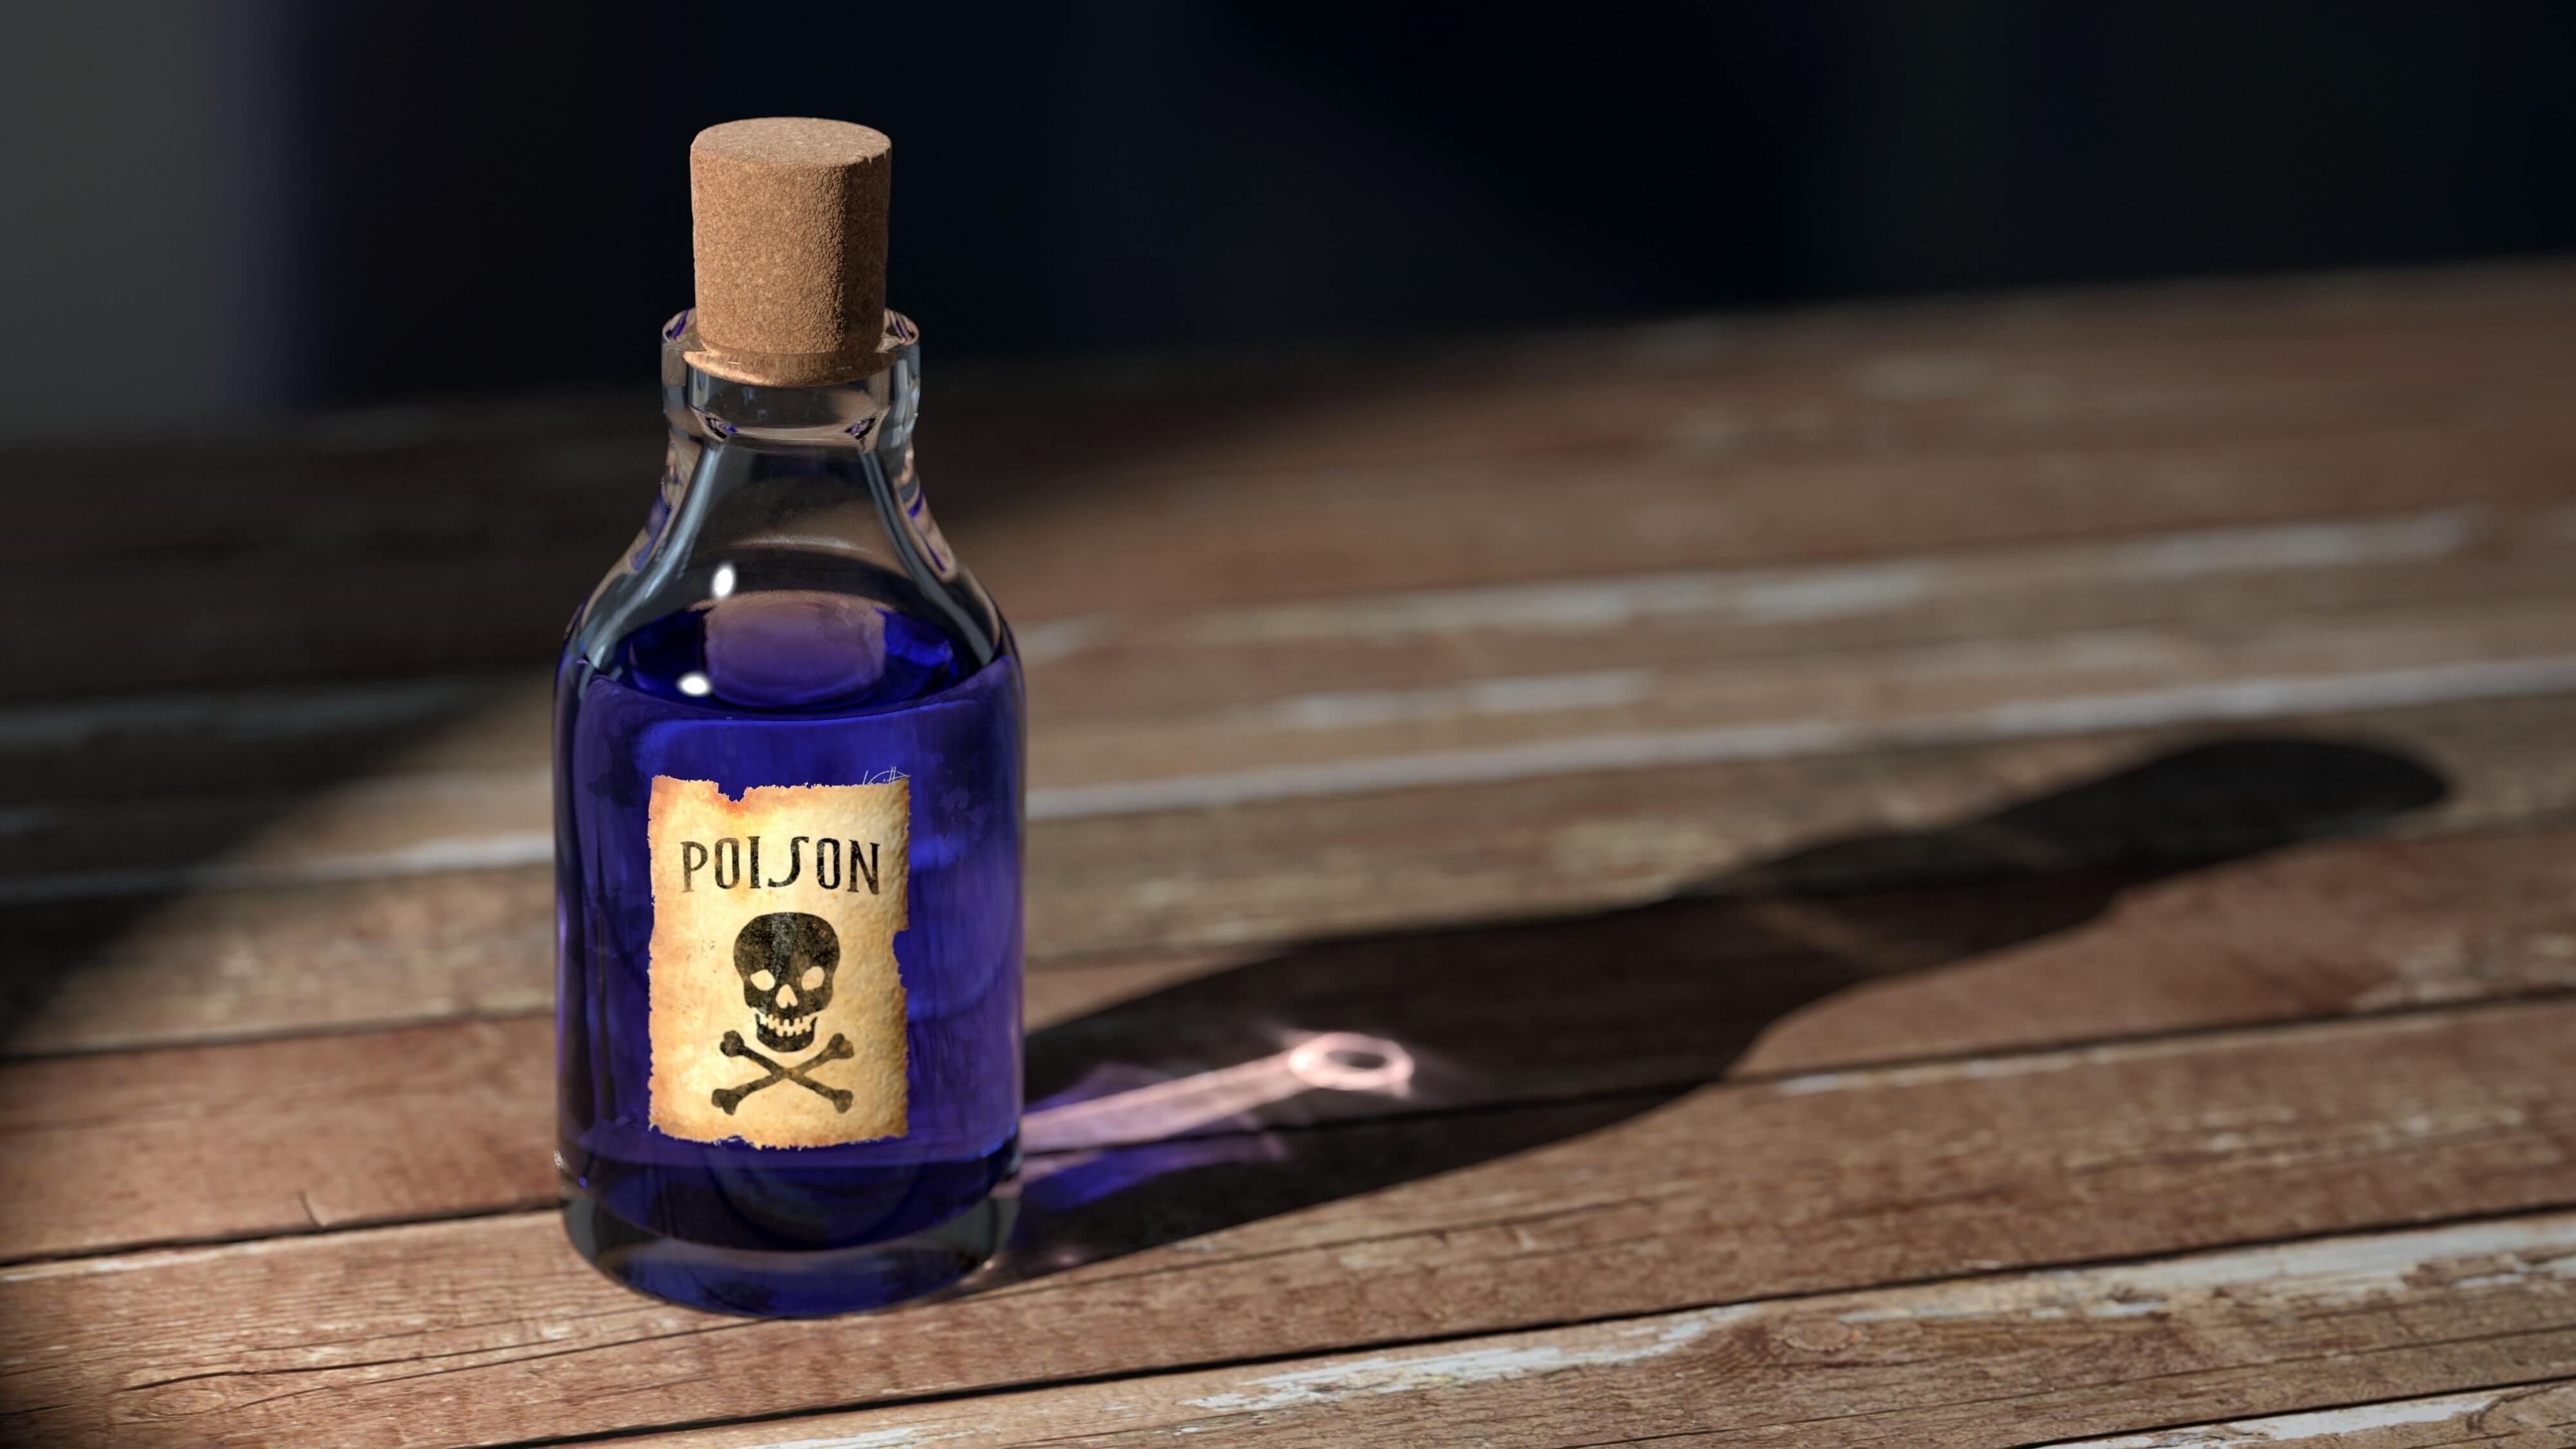 poison Long Long Life métabolisme vieillissement santé longévité